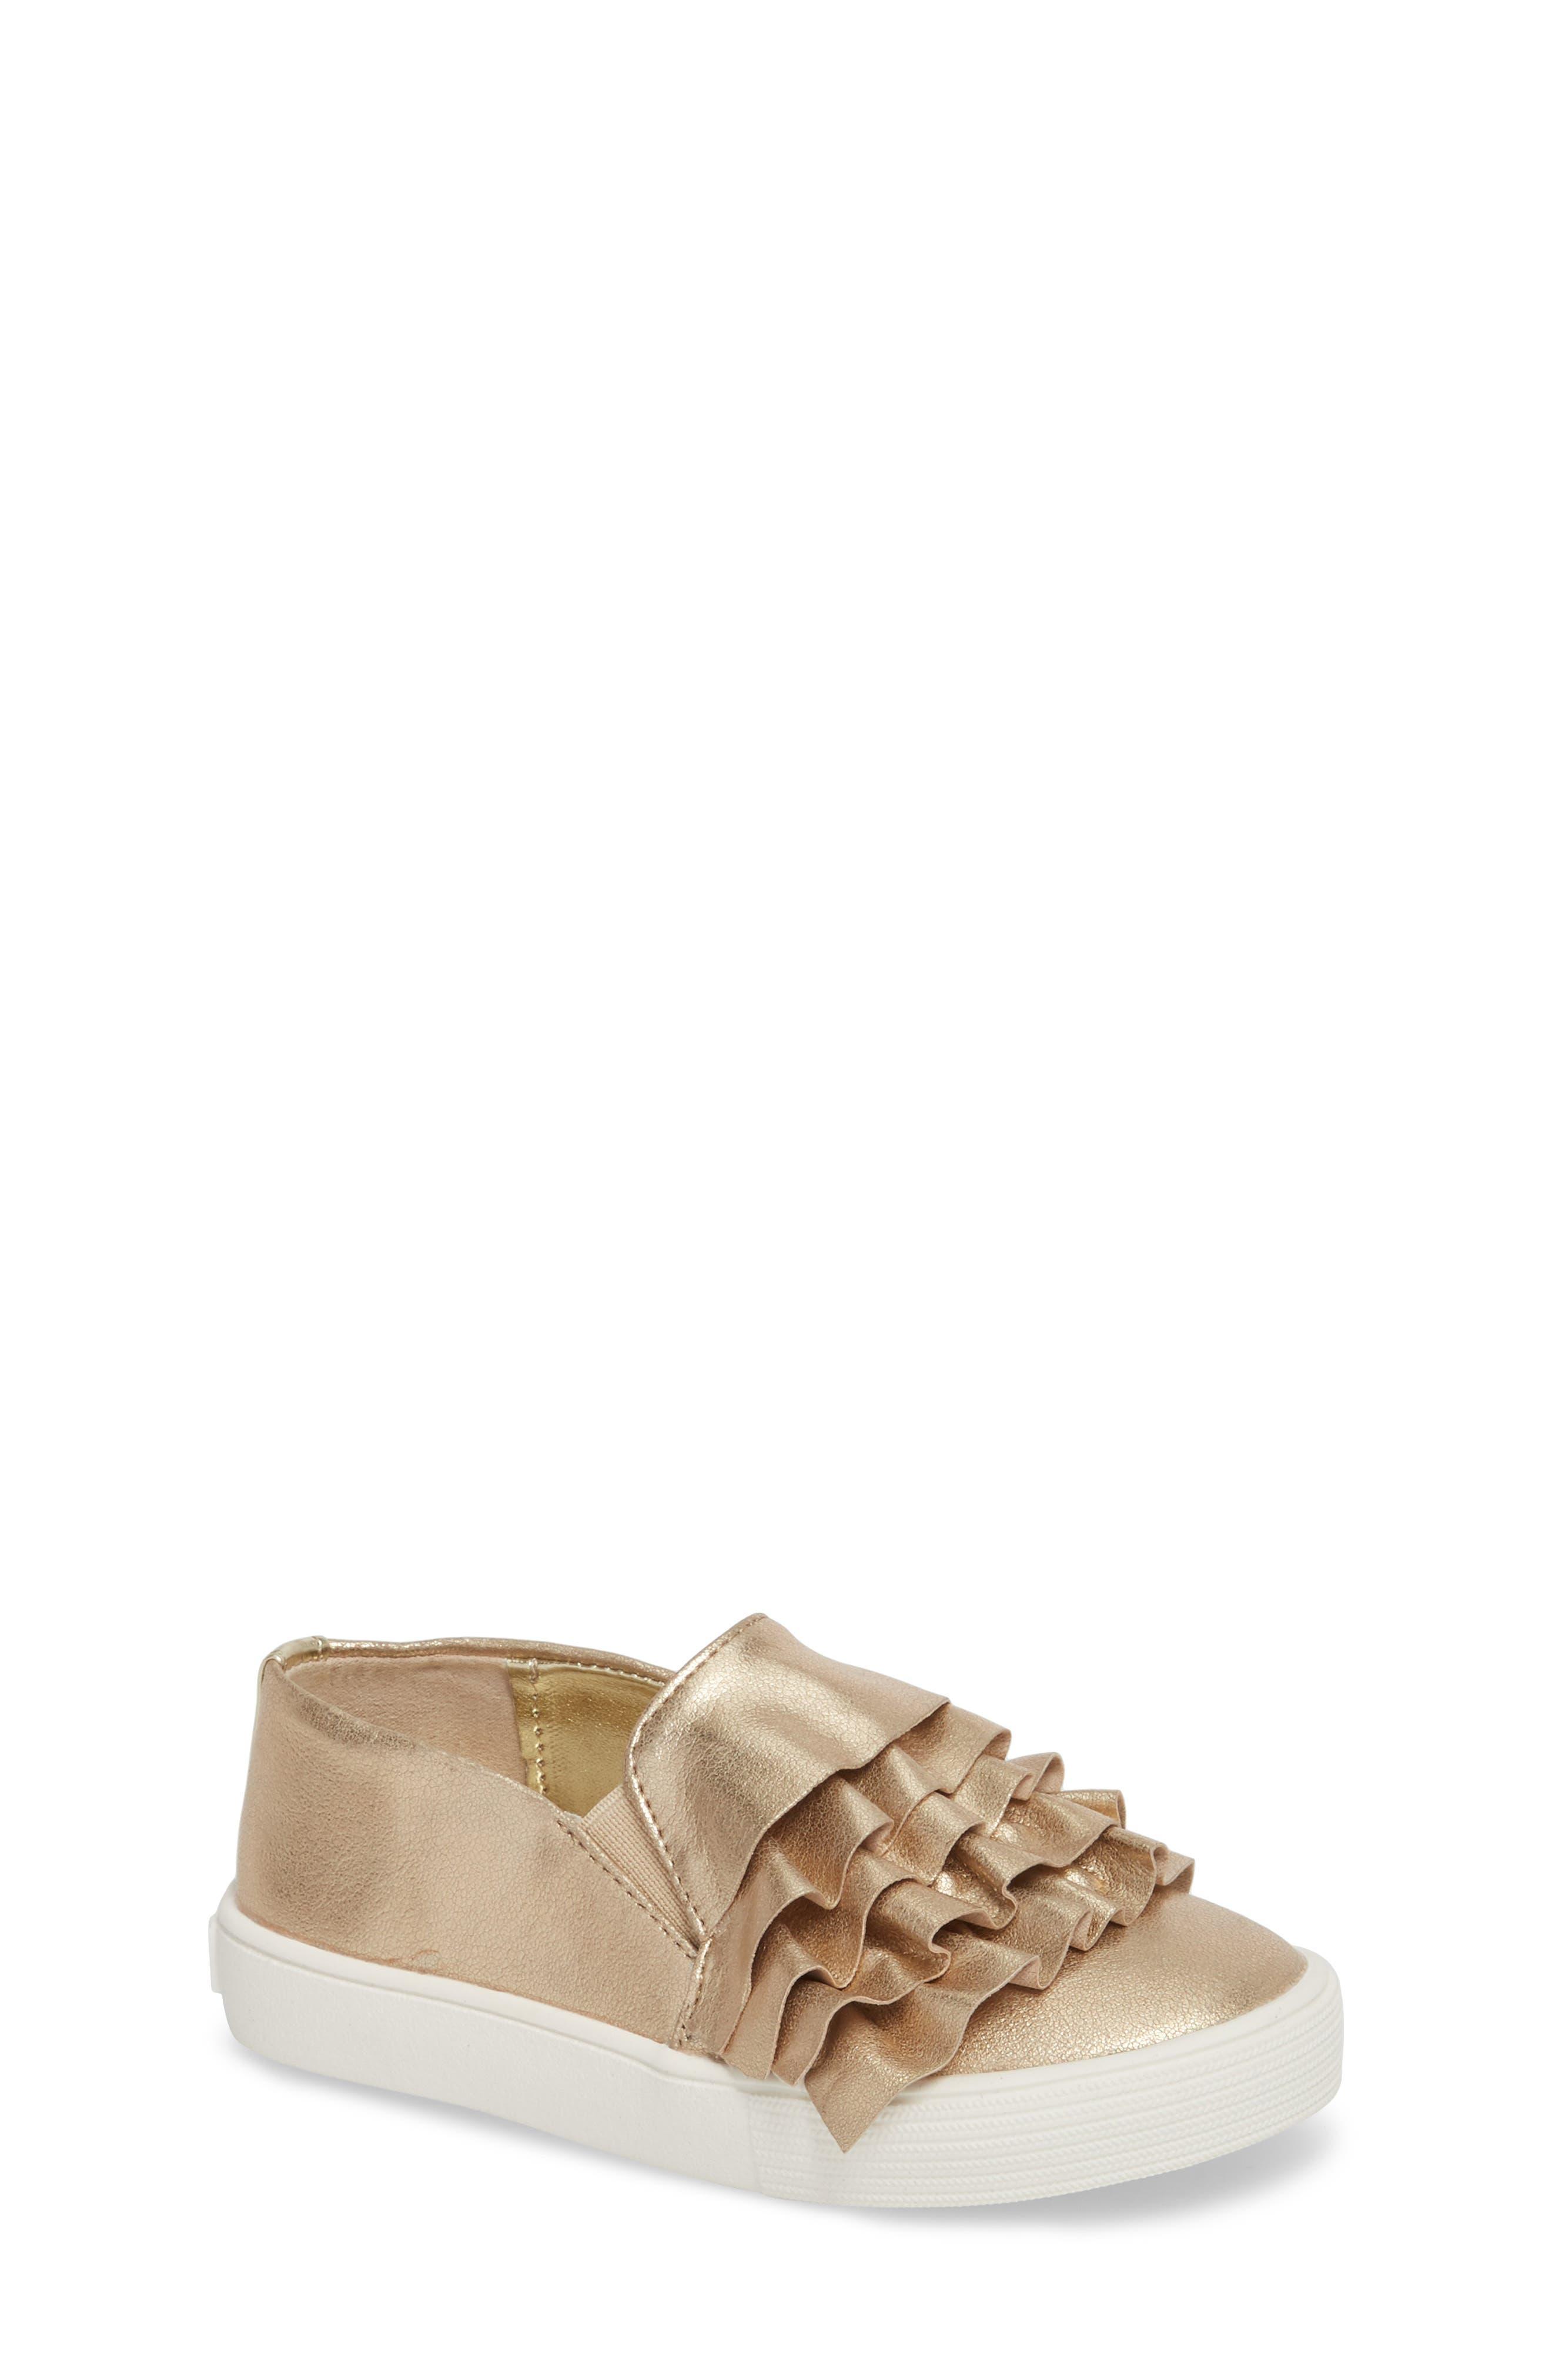 Shimmery Kam Ruffle Slip-On Sneaker,                         Main,                         color, Gold